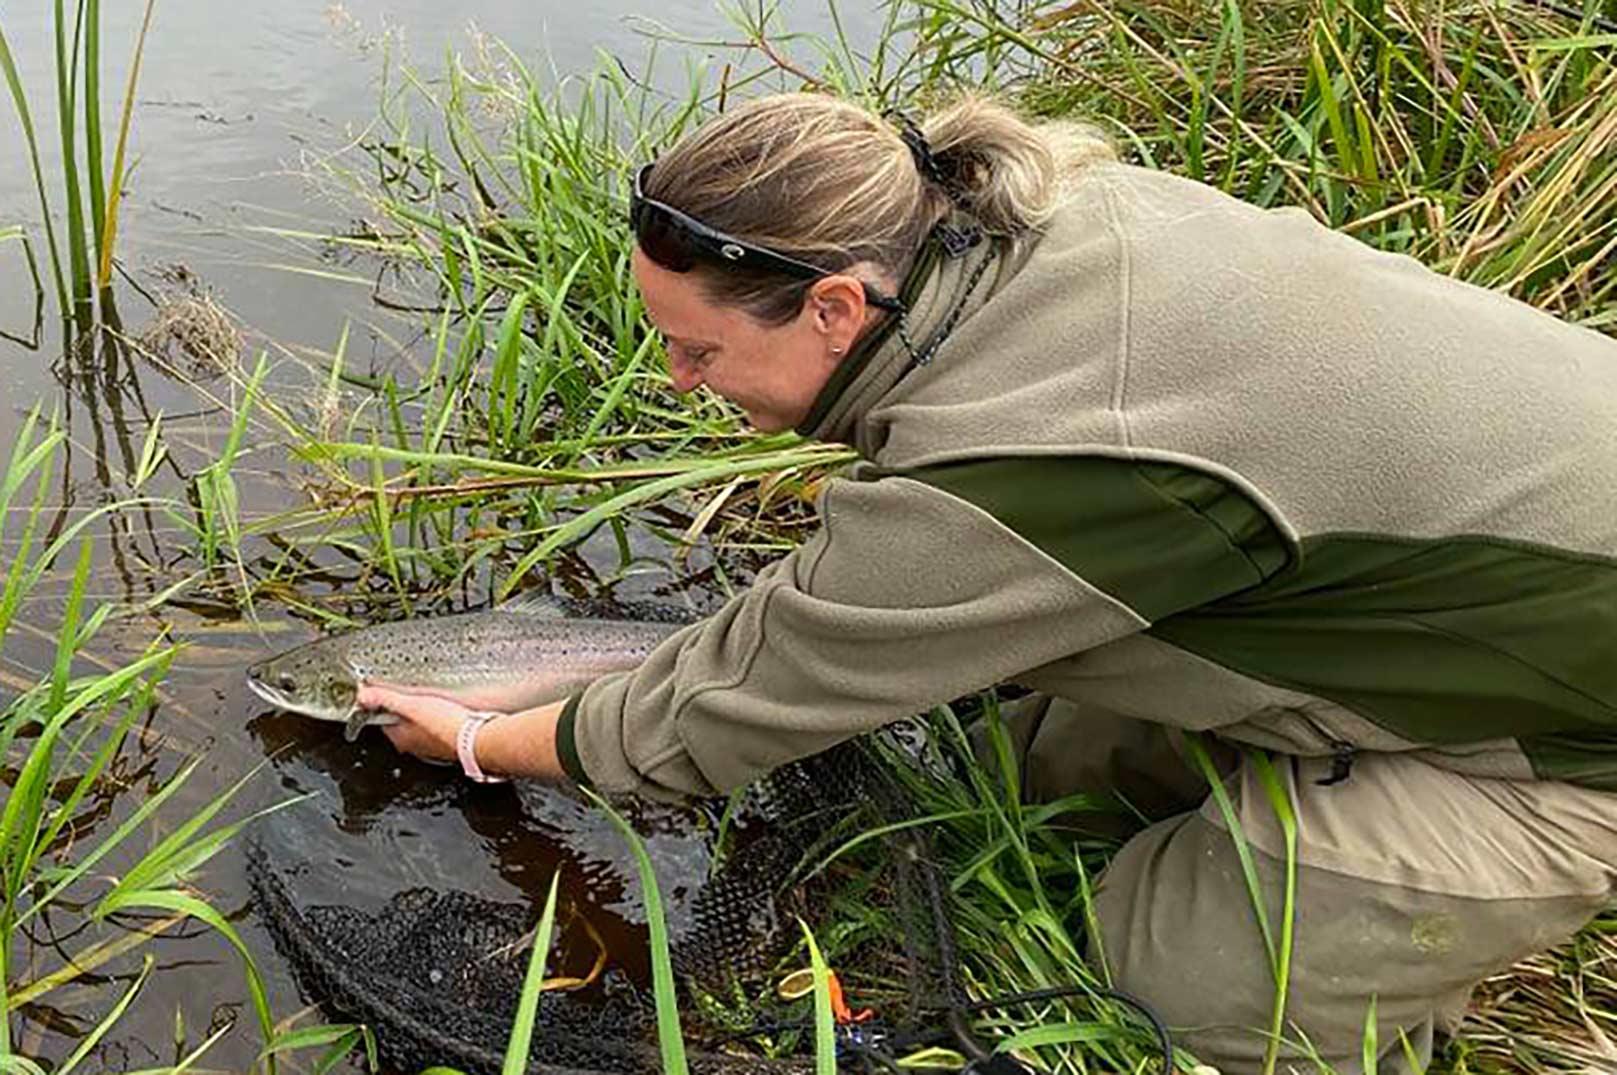 På arrangementet kan du bl.a. møde lakseeksperten Senja Furbo, der deler ud af sin store viden om fiskeriet i åen.